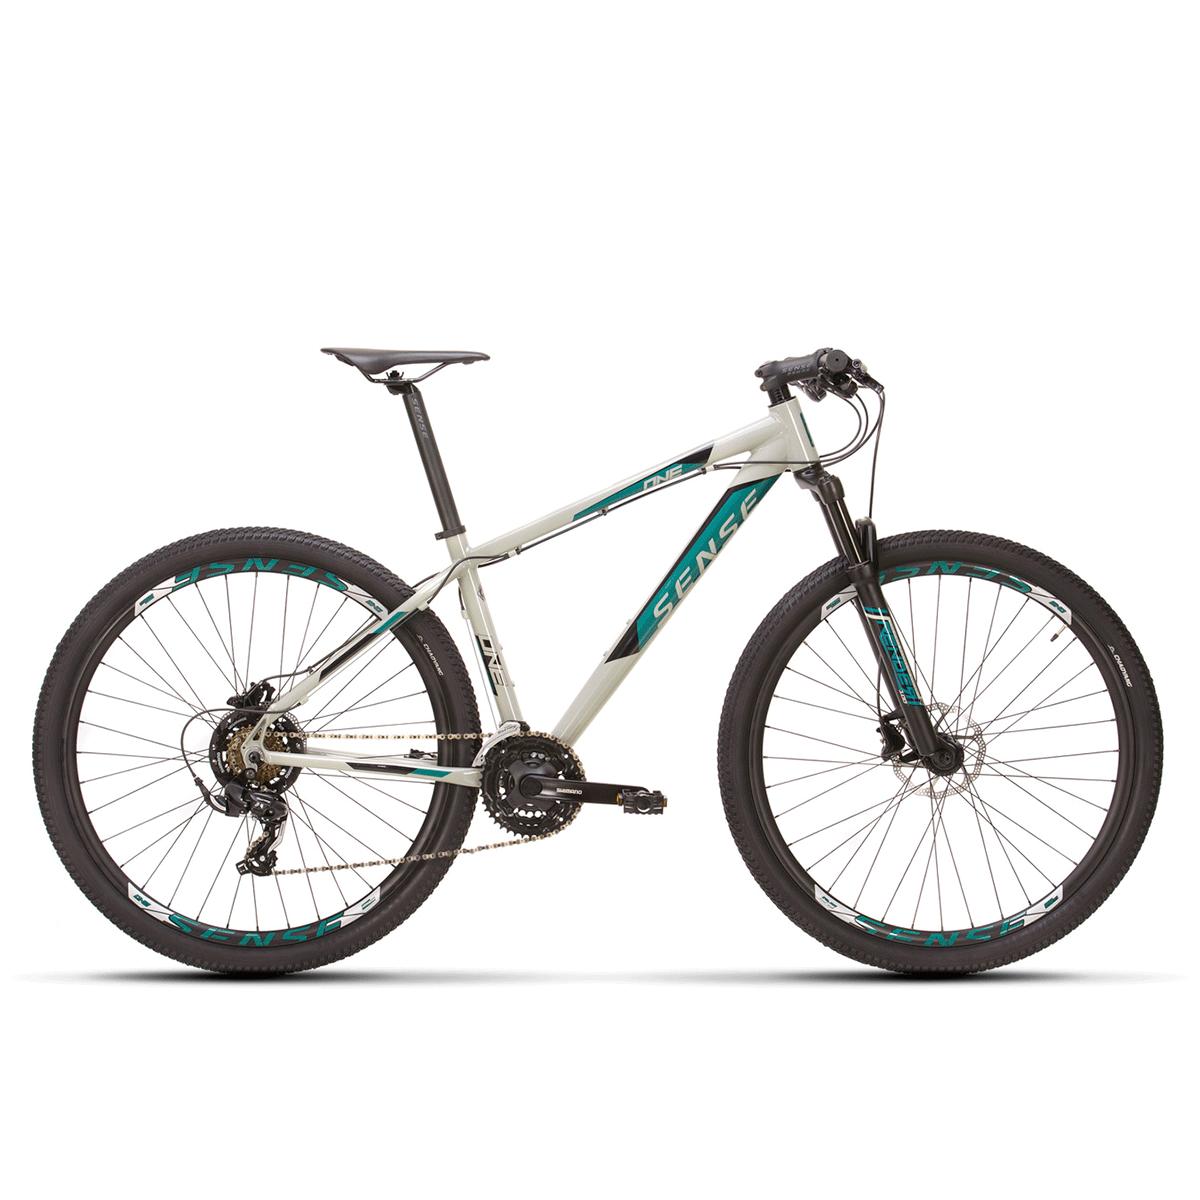 Bicicleta Sense One 2021/22 Aro 29 21V Shimano